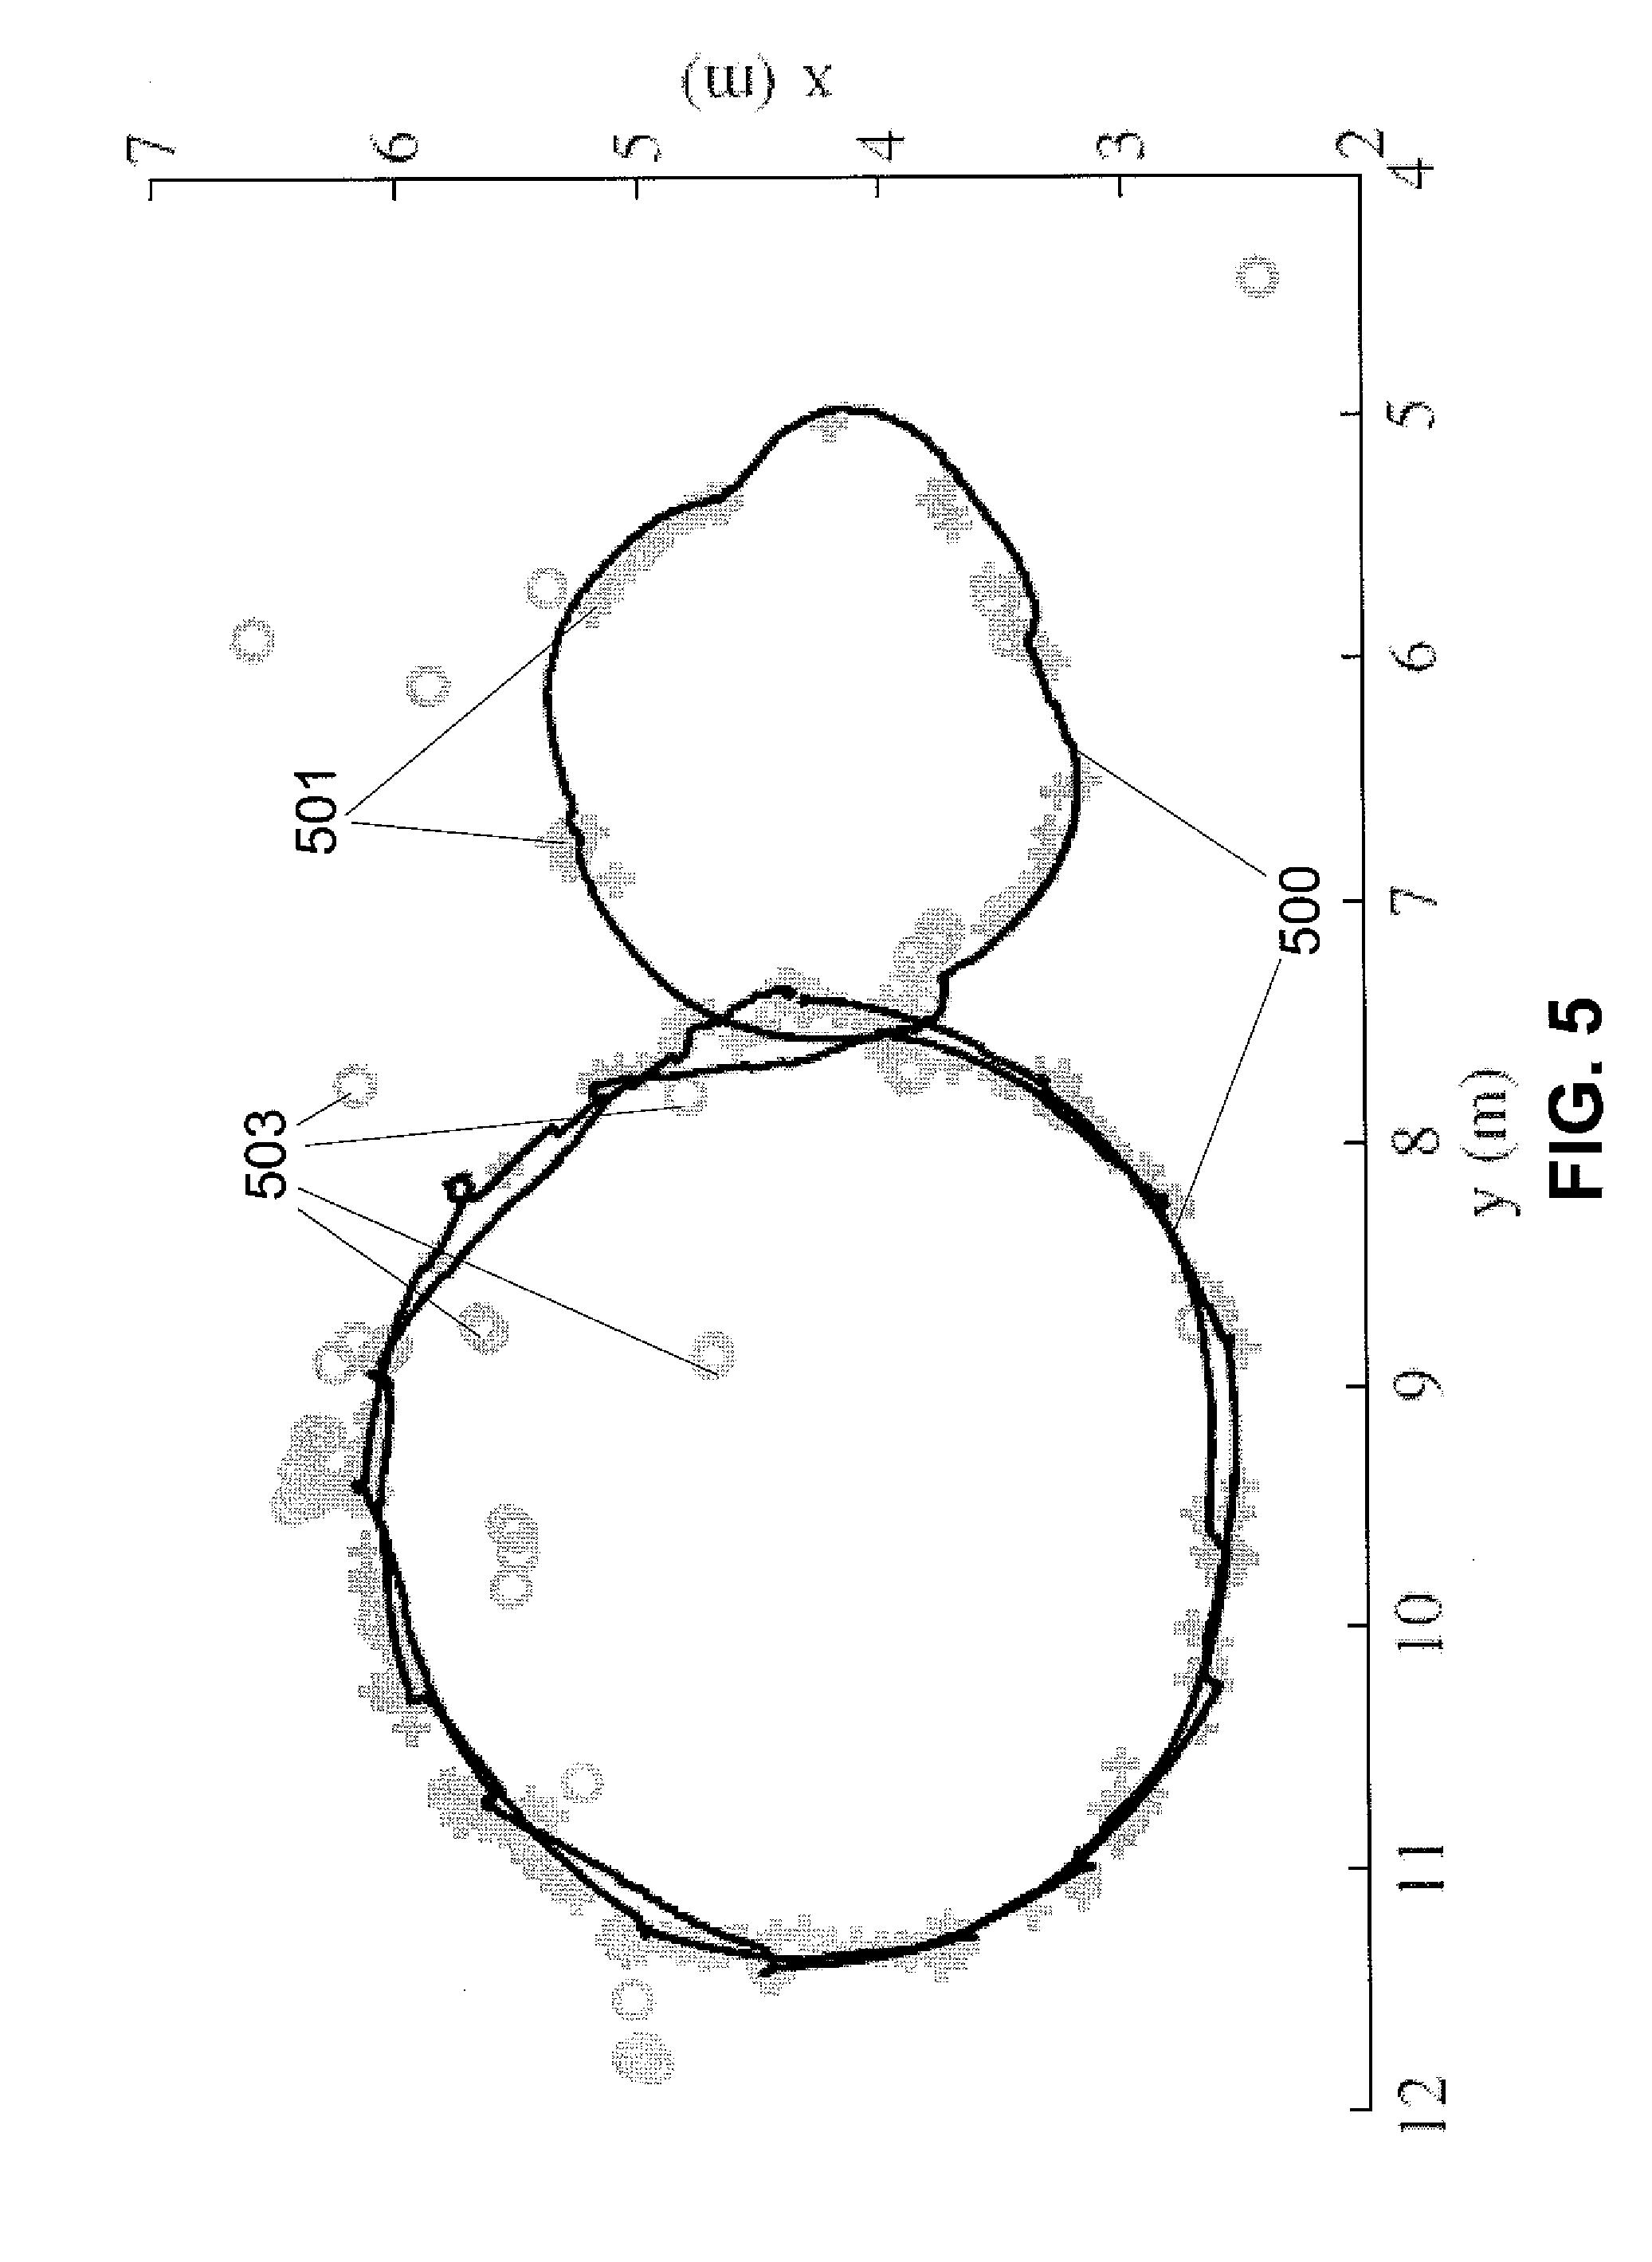 patent us 8 203 487 b2 Meter 277 480 Wiring Diagrams patent